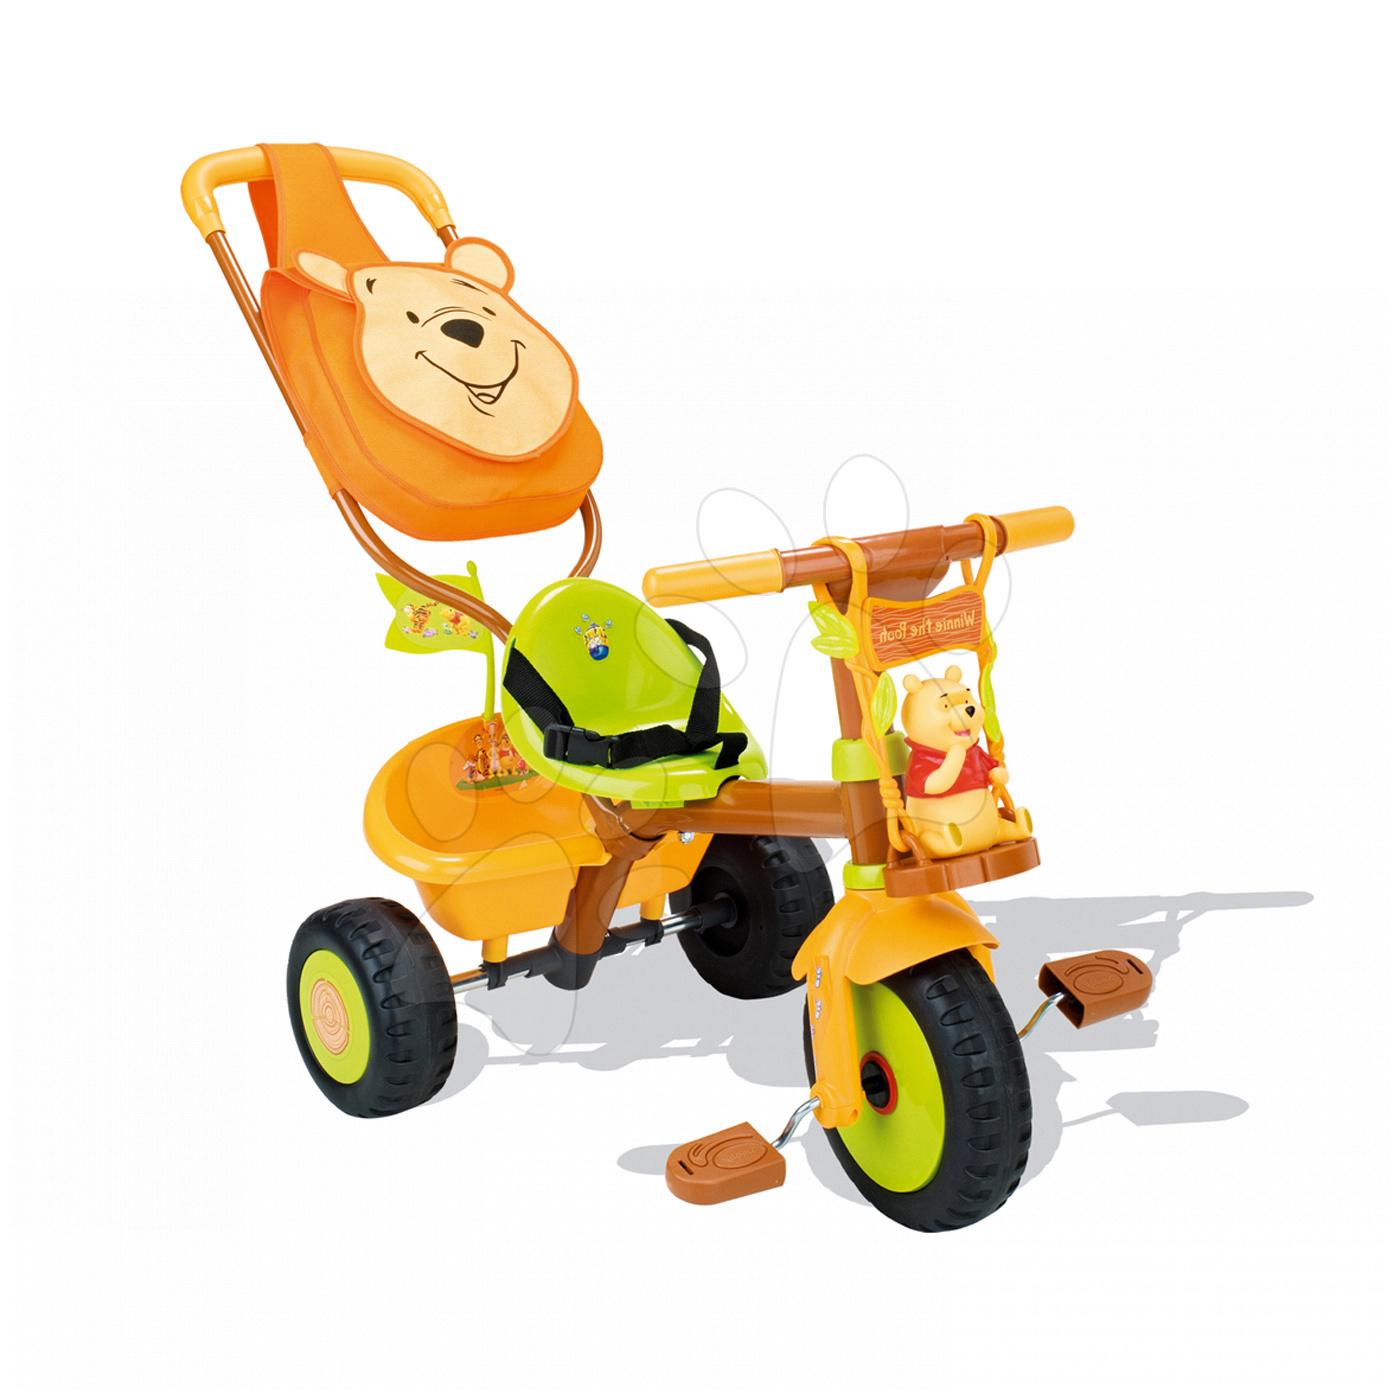 Tříkolka Medvídek Pú Be Fun Confort Smoby oranžovo-zelená od 15 měsíců